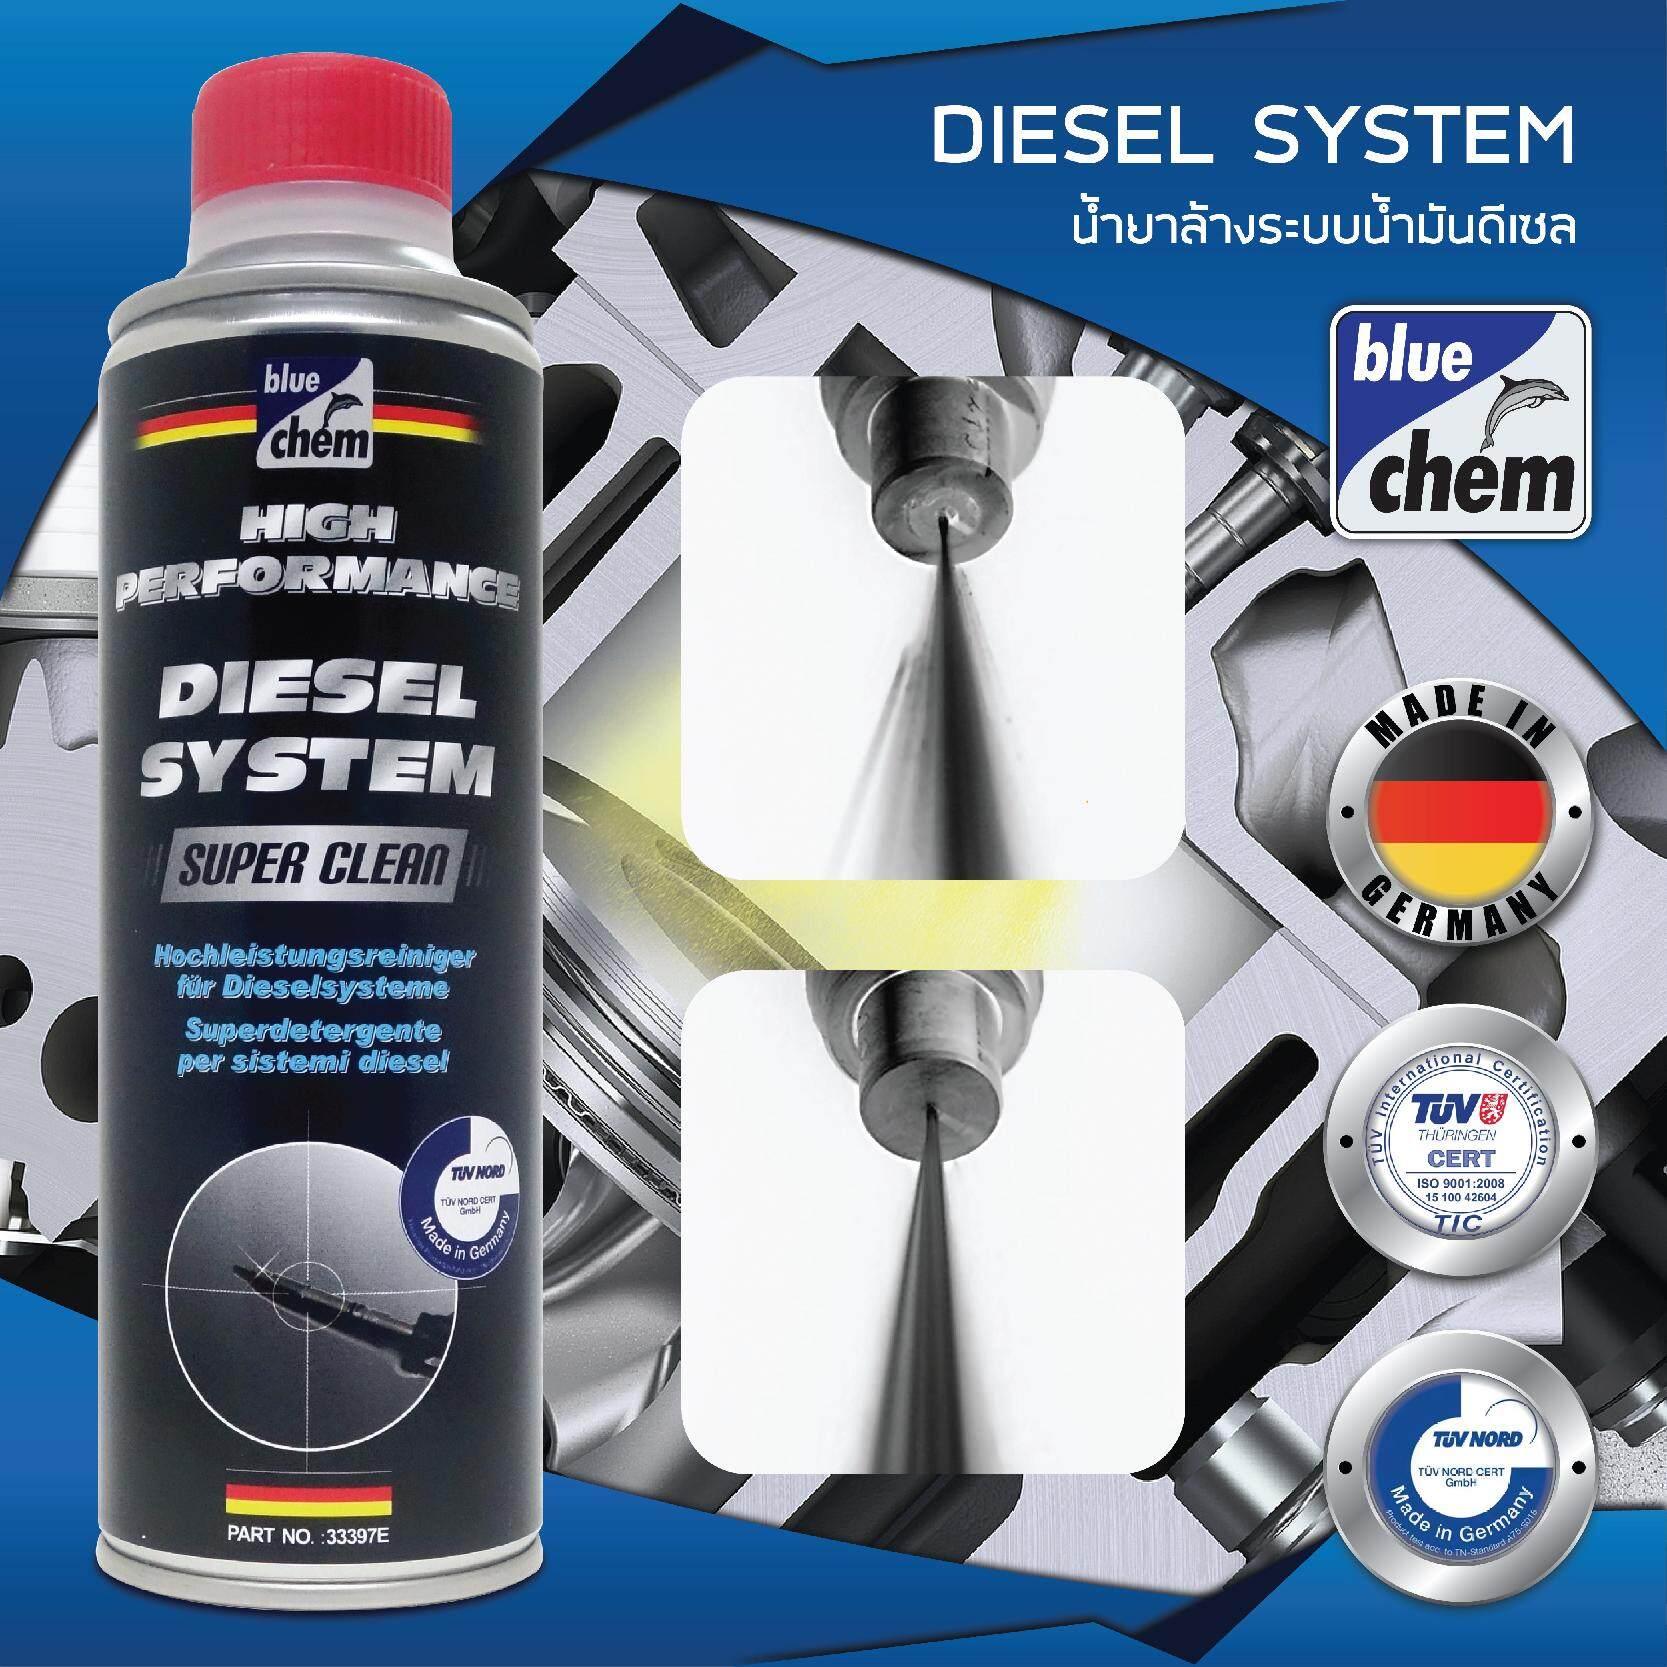 Bluechem Diesel System Super Cleaner น้ำยาล้างระบบดีเซล ล้างหัวฉีด ลดควันดำ ขนาด 350 มล. By Ngi.